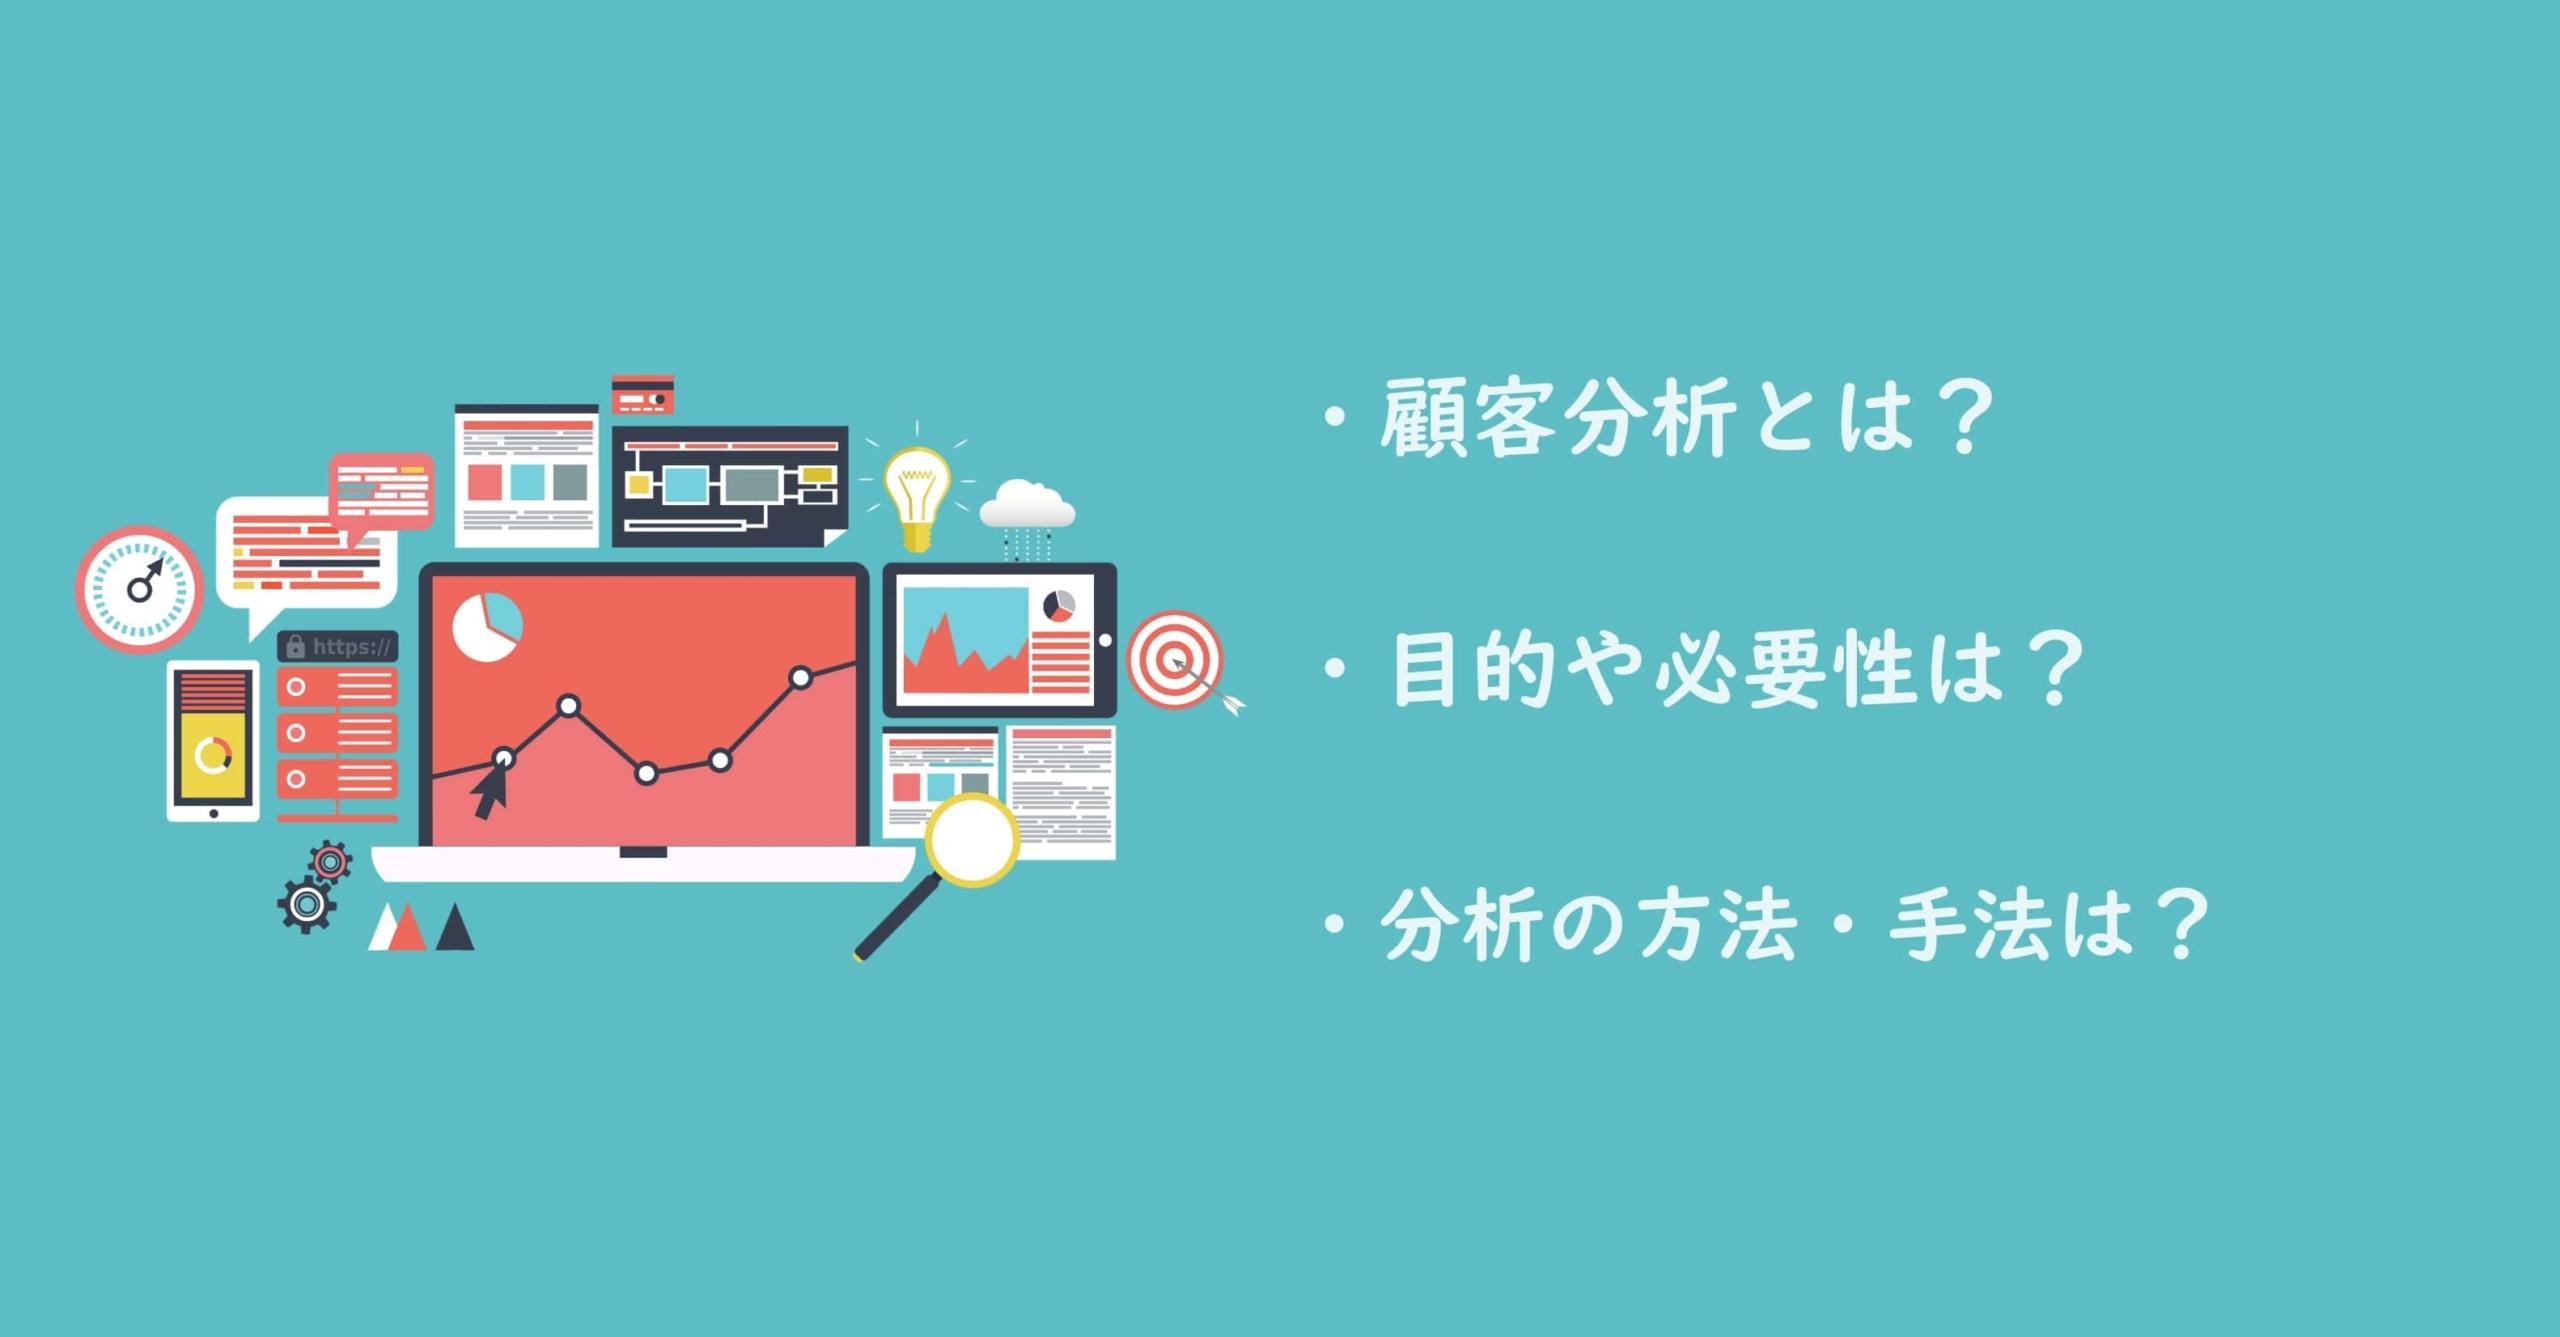 顧客分析で用いられる8つの方法・手法とは?目的や必要性も紹介!